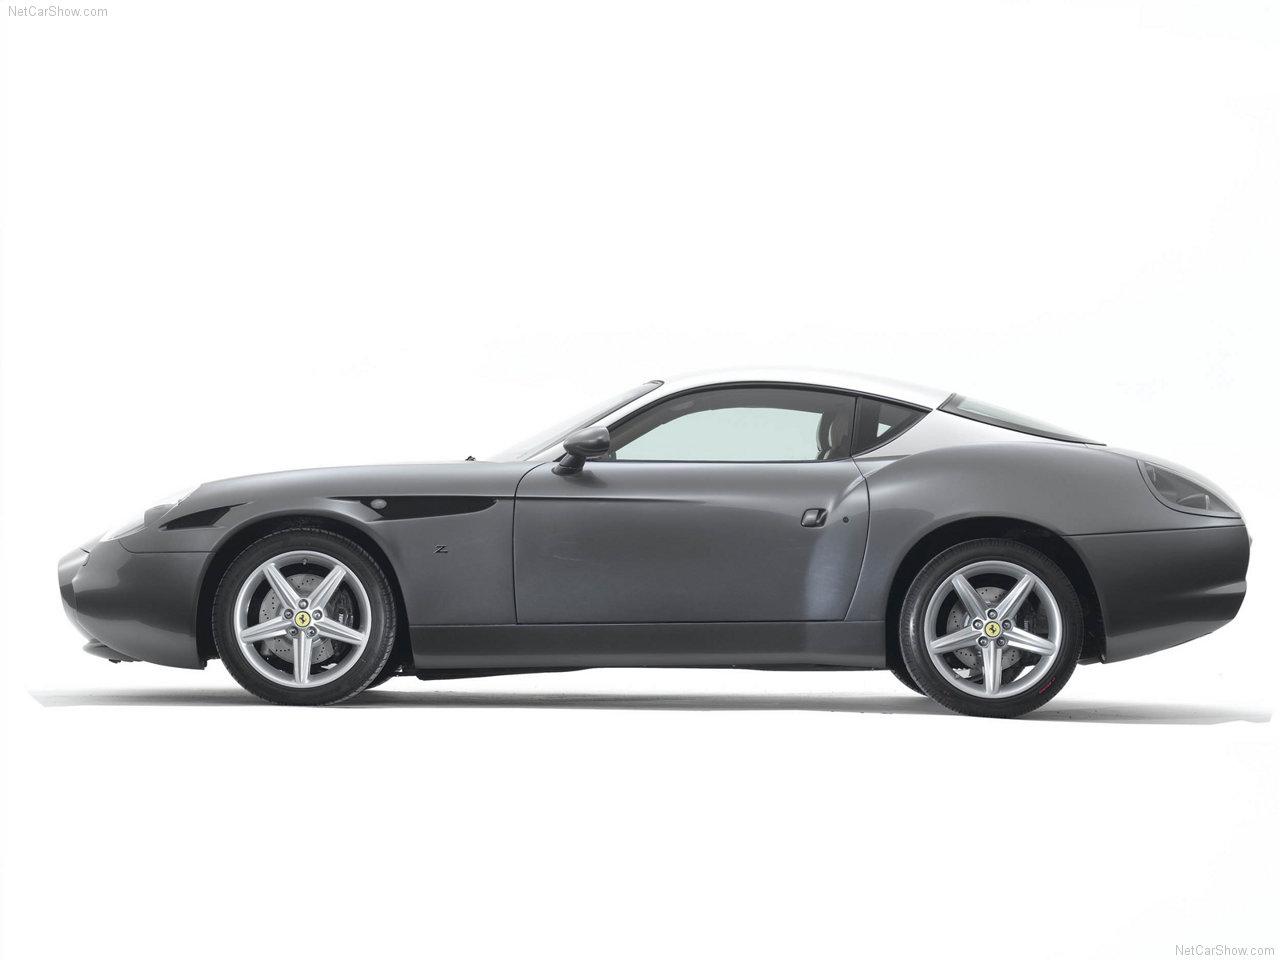 http://3.bp.blogspot.com/-n35f-HTEJJM/TYh_nqbObmI/AAAAAAAACSQ/EPpxKFfvkqo/s1600/Ferrari-575_GTZ_Zagato_2006_1280x960_wallpaper_03.jpg